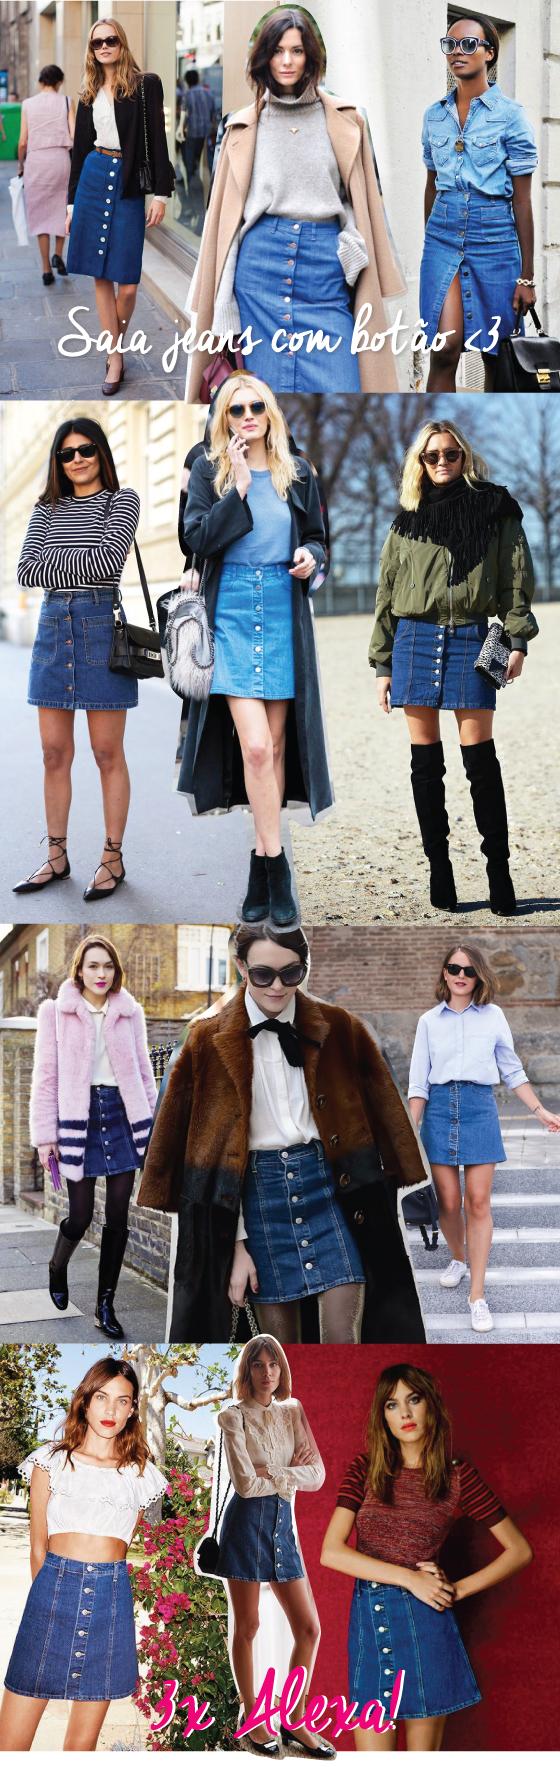 saia-jeans-com-botao-na-frente-tendencia-anos-70-denim-skirt-button-front-onde-comprar-achar-moda-blog